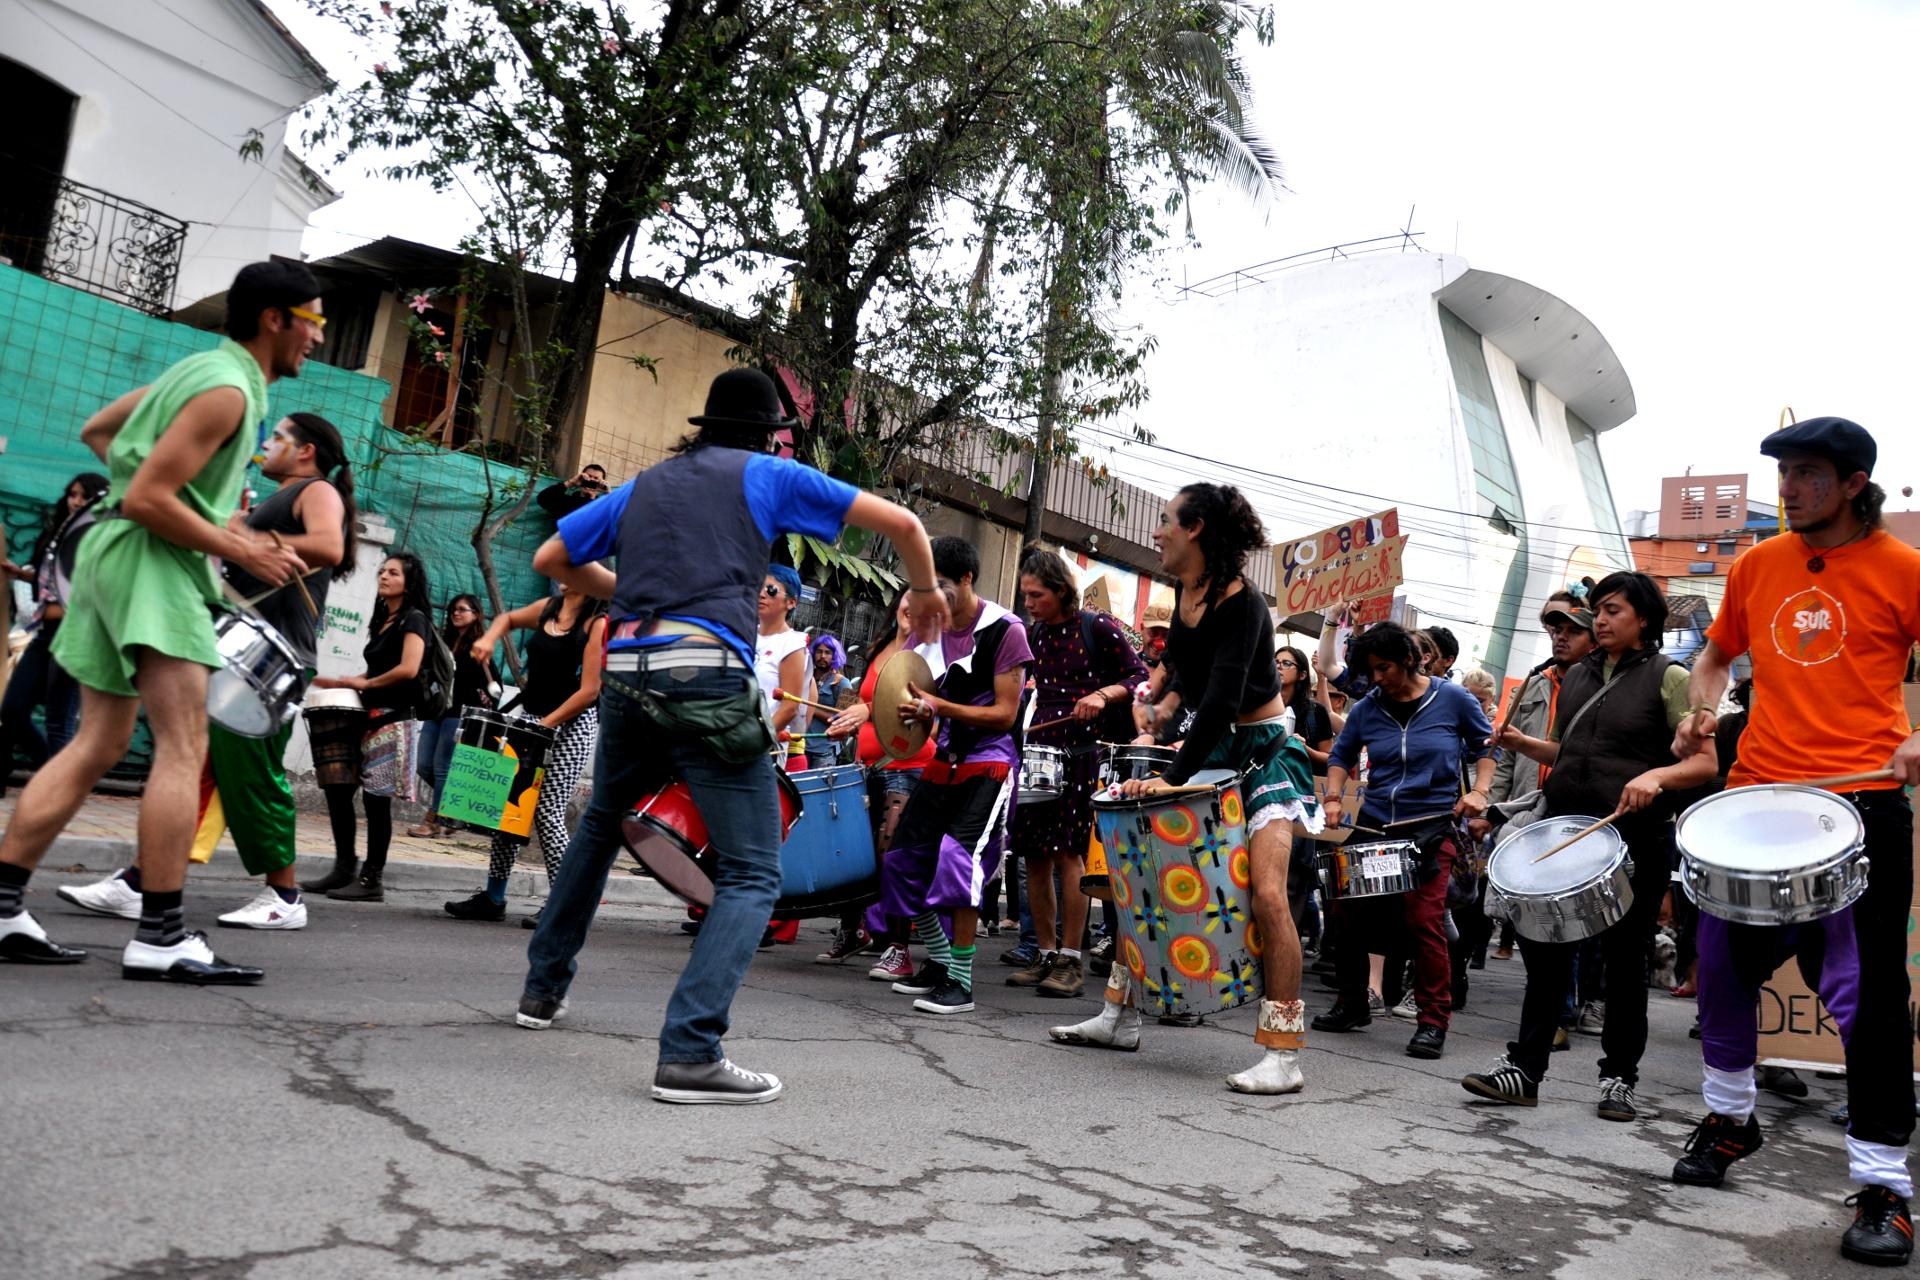 lasprostitutas prostitutas de ecuador